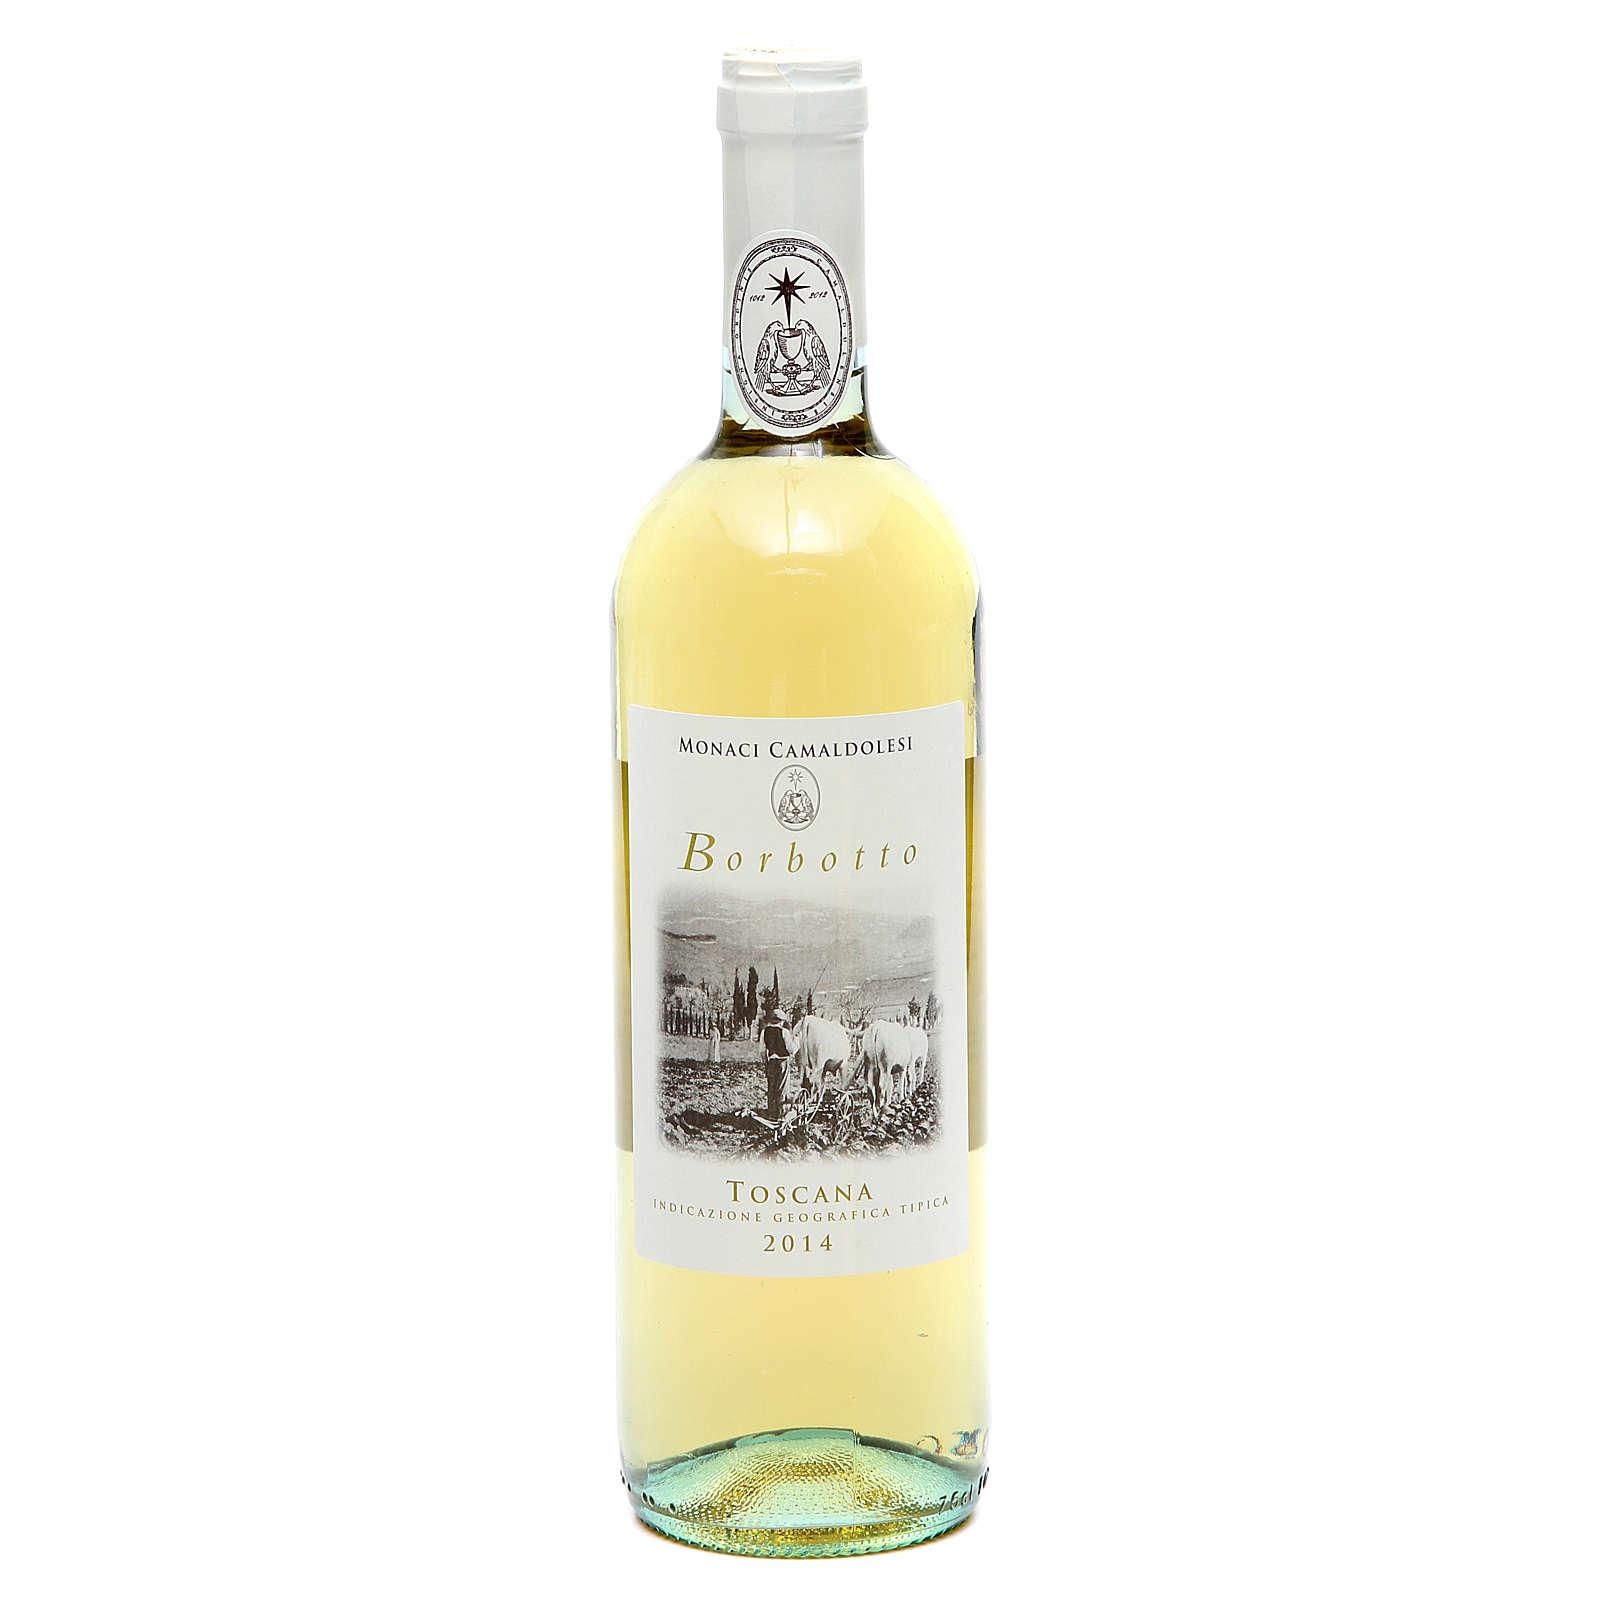 Vin de Toscane blanc Bordotto, 750 ml 2014 3